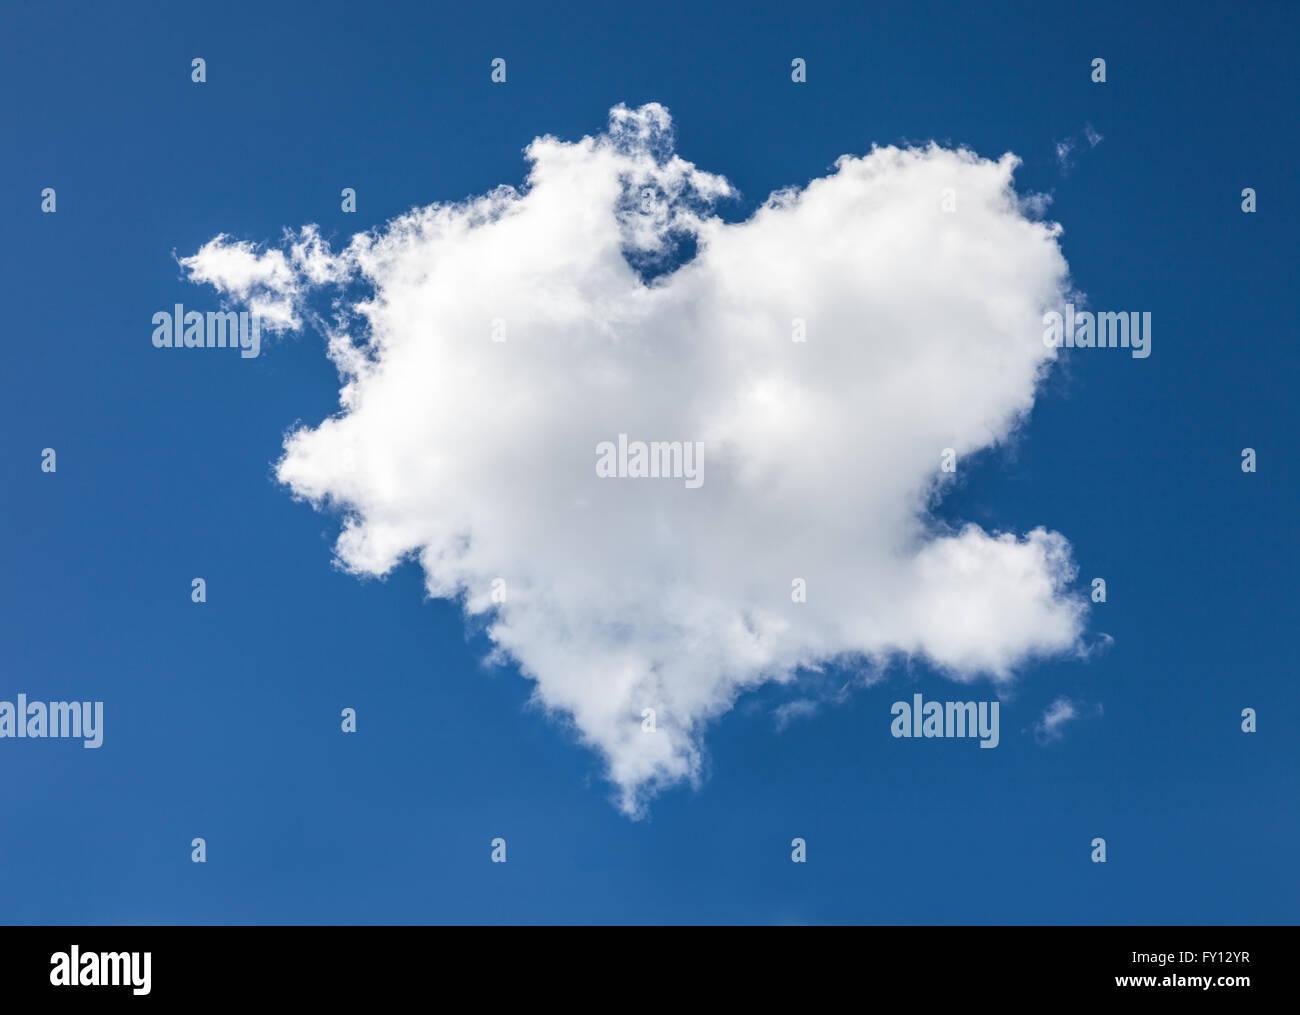 Nuage en forme de coeur en face de ciel bleu Banque D'Images